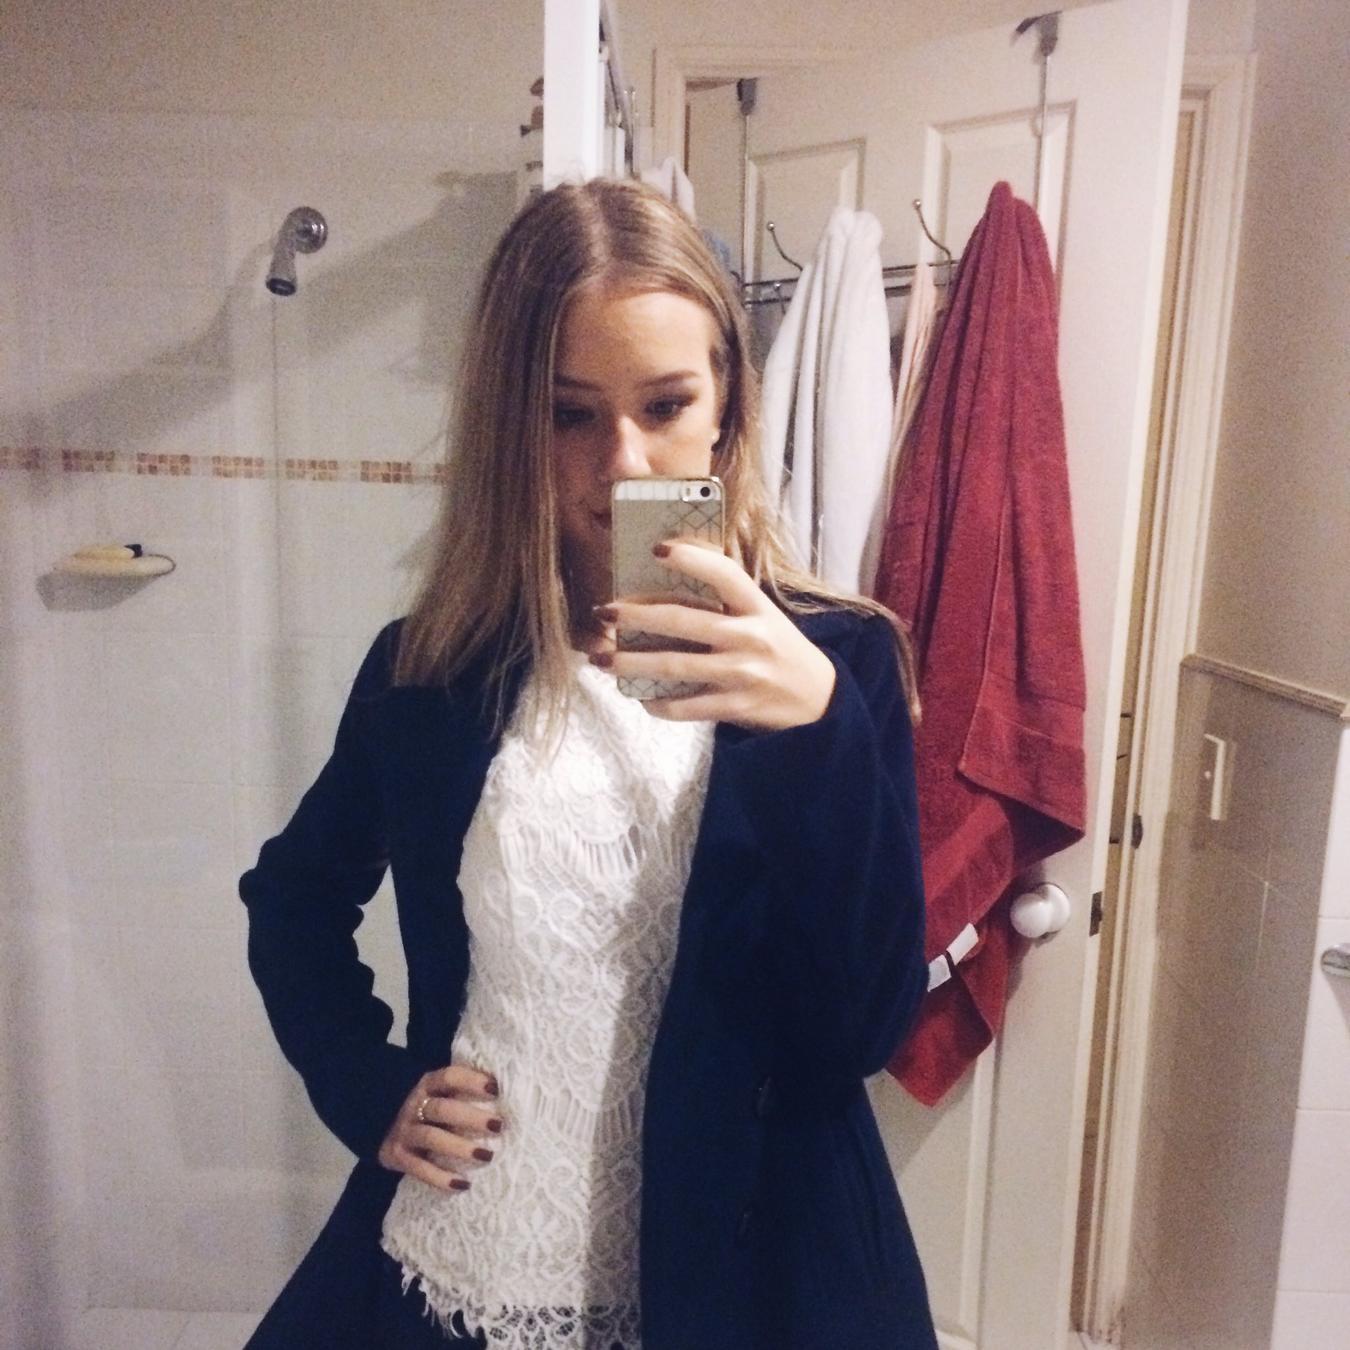 태그가있는 사진 :Selfie, 흥미로운, Uniform, Costumes, 여자